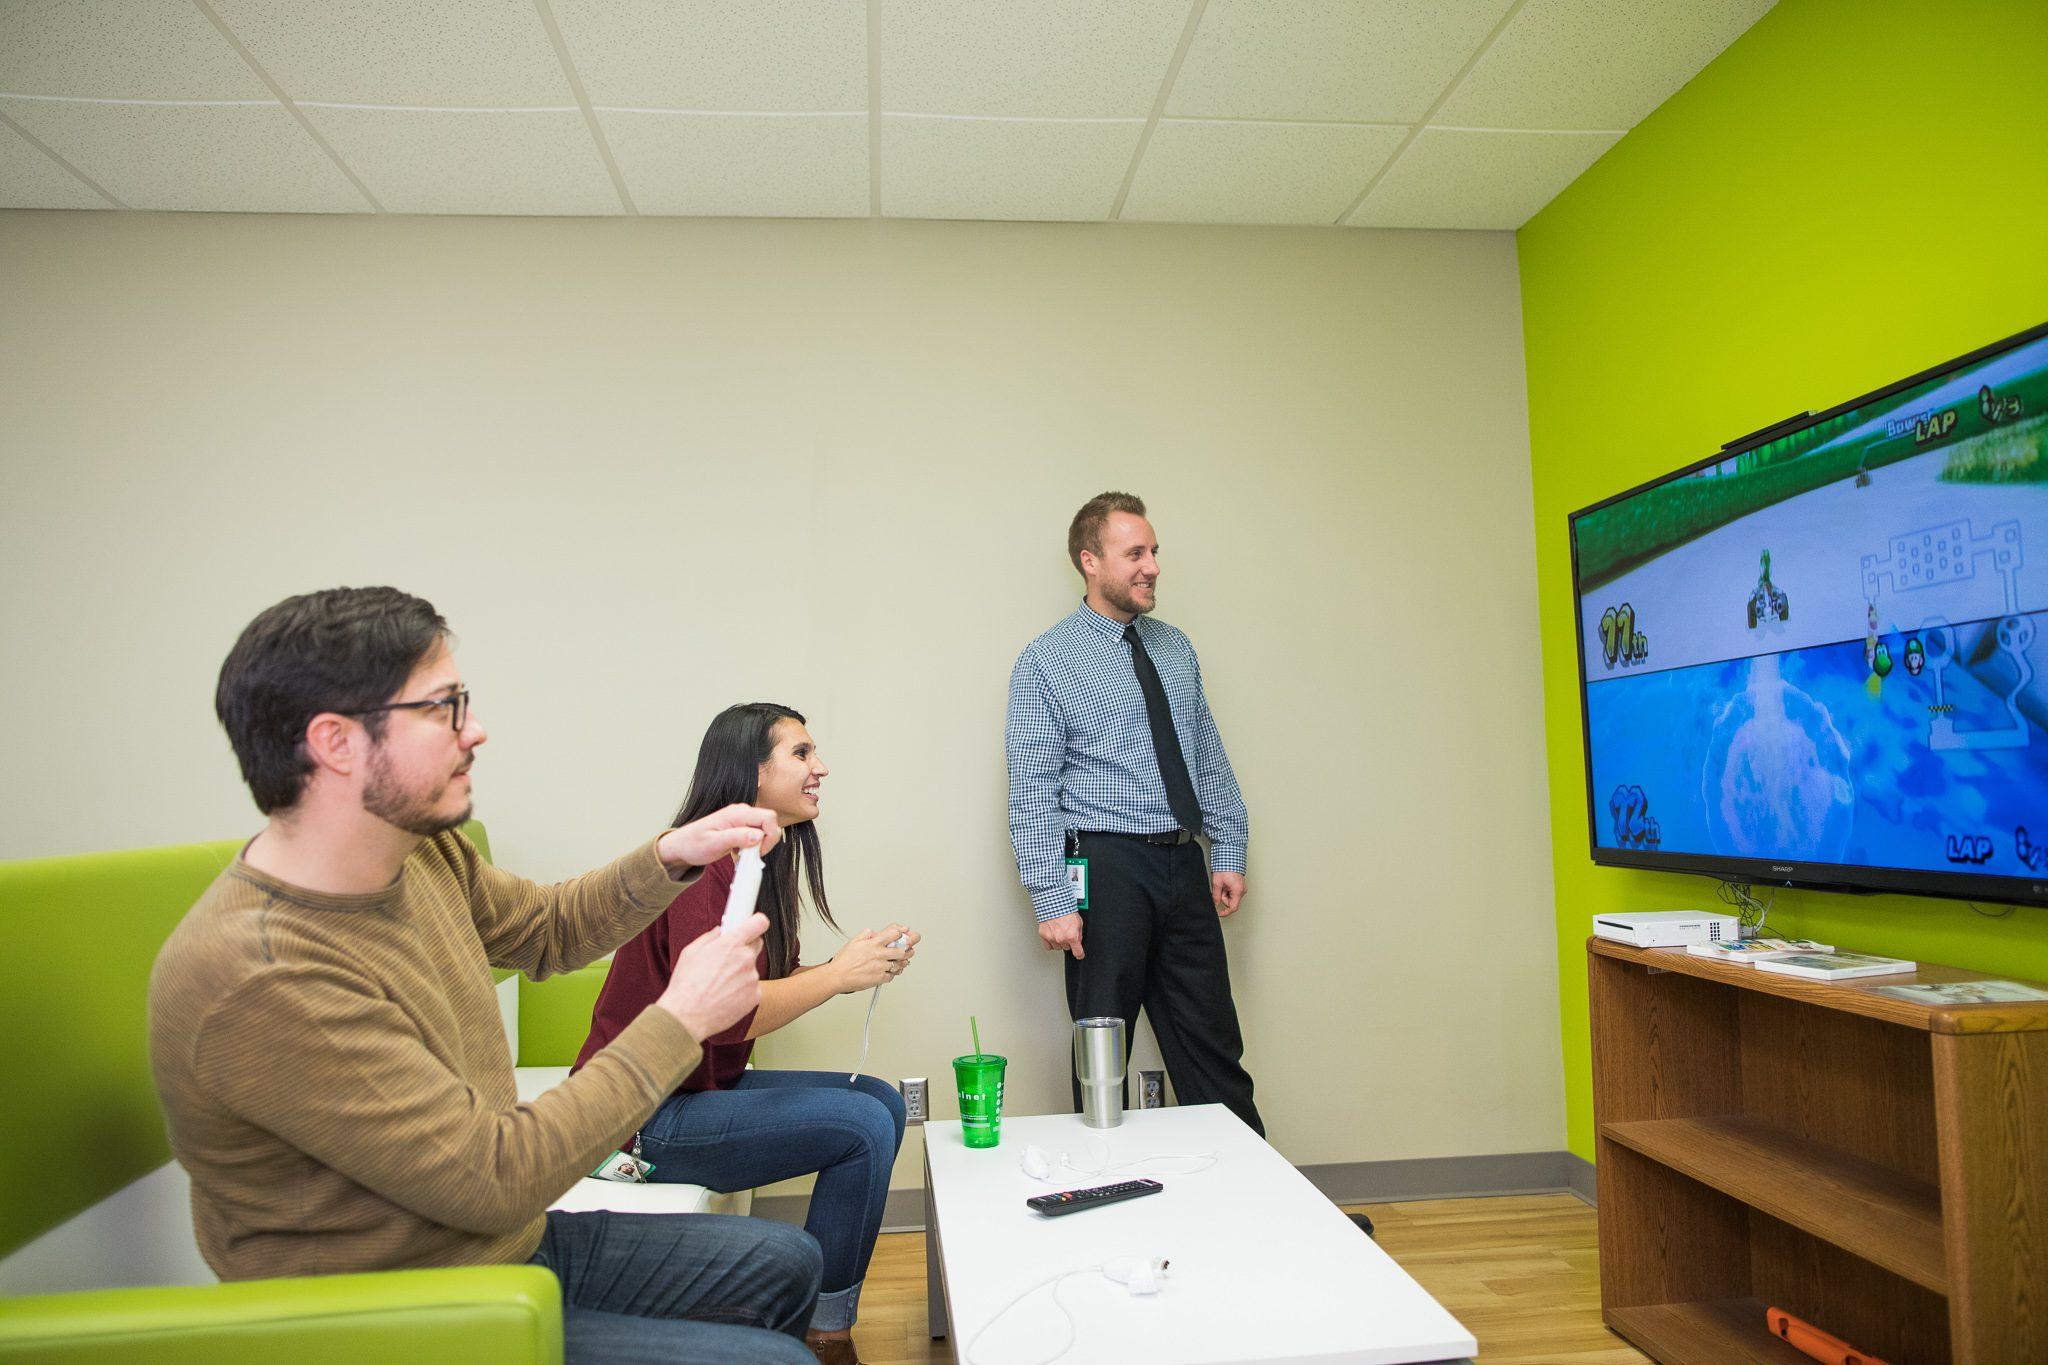 Nelnet Associates Video games hobbies help growth